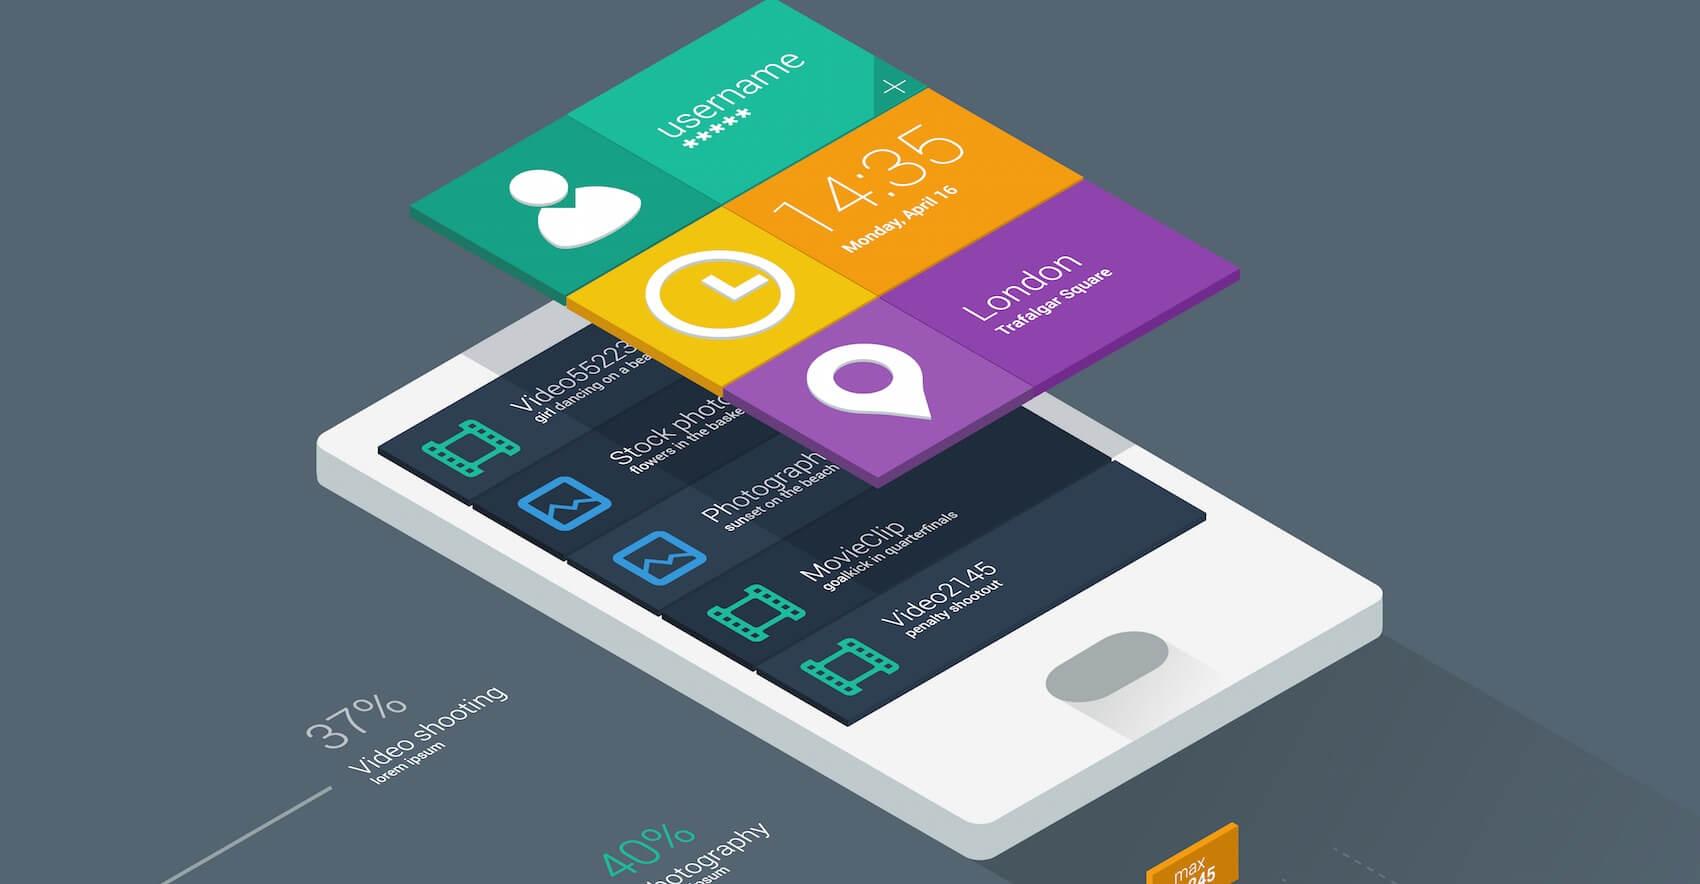 Giao diện phẳng là một trong những xu hướng mới cho việc thiết kế website bán điện thoại chuyên nghiệp.